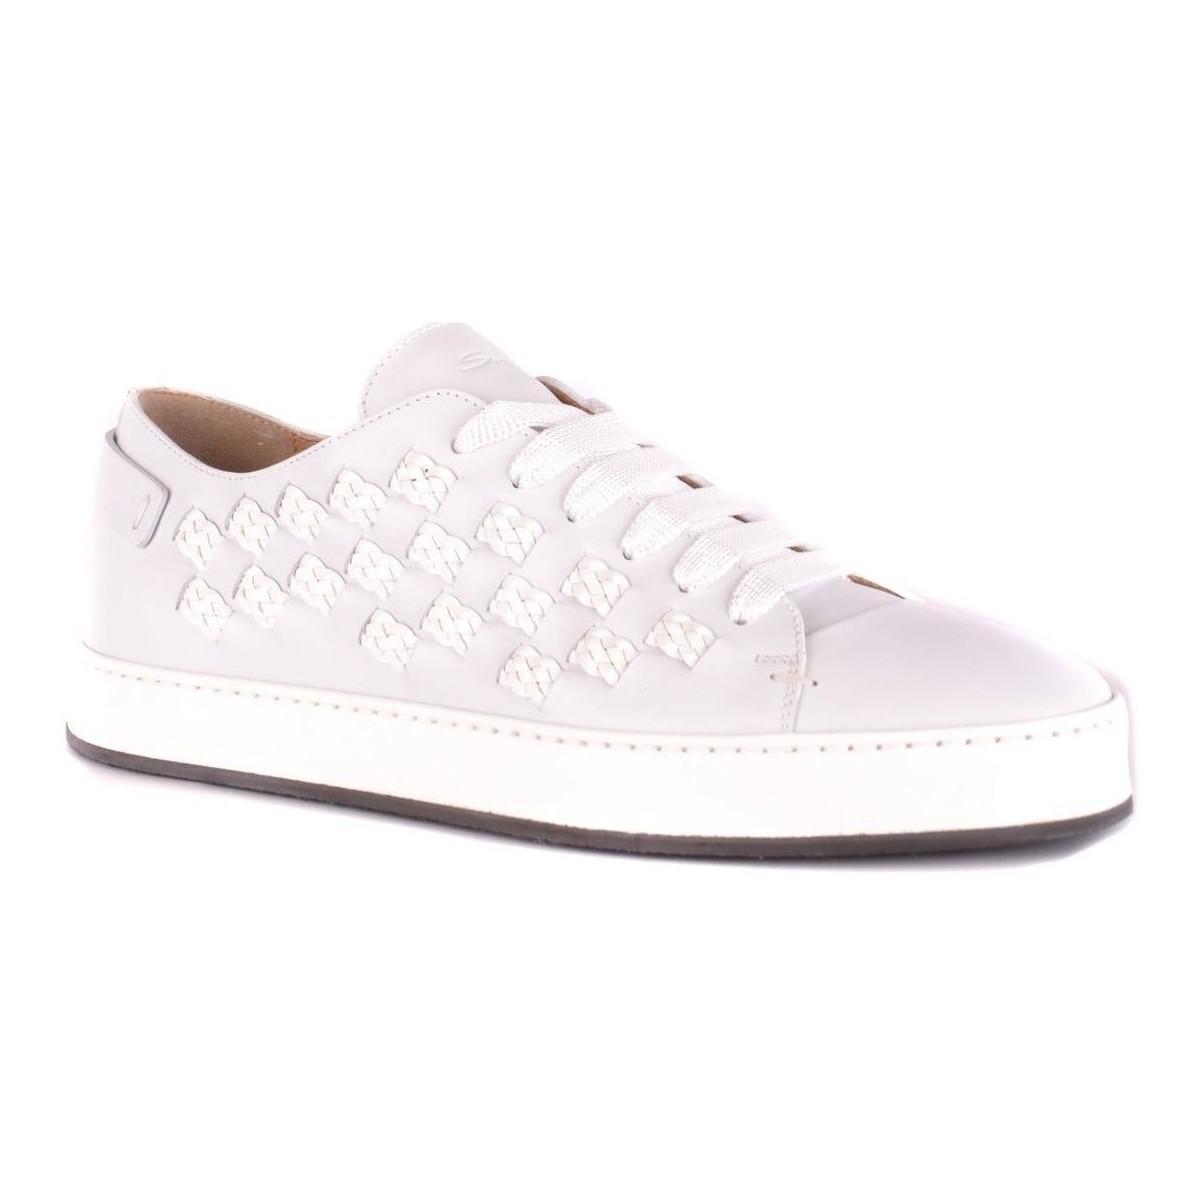 BASKETS HOMME Chaussures Santoni pour homme en coloris Blanc QXNk